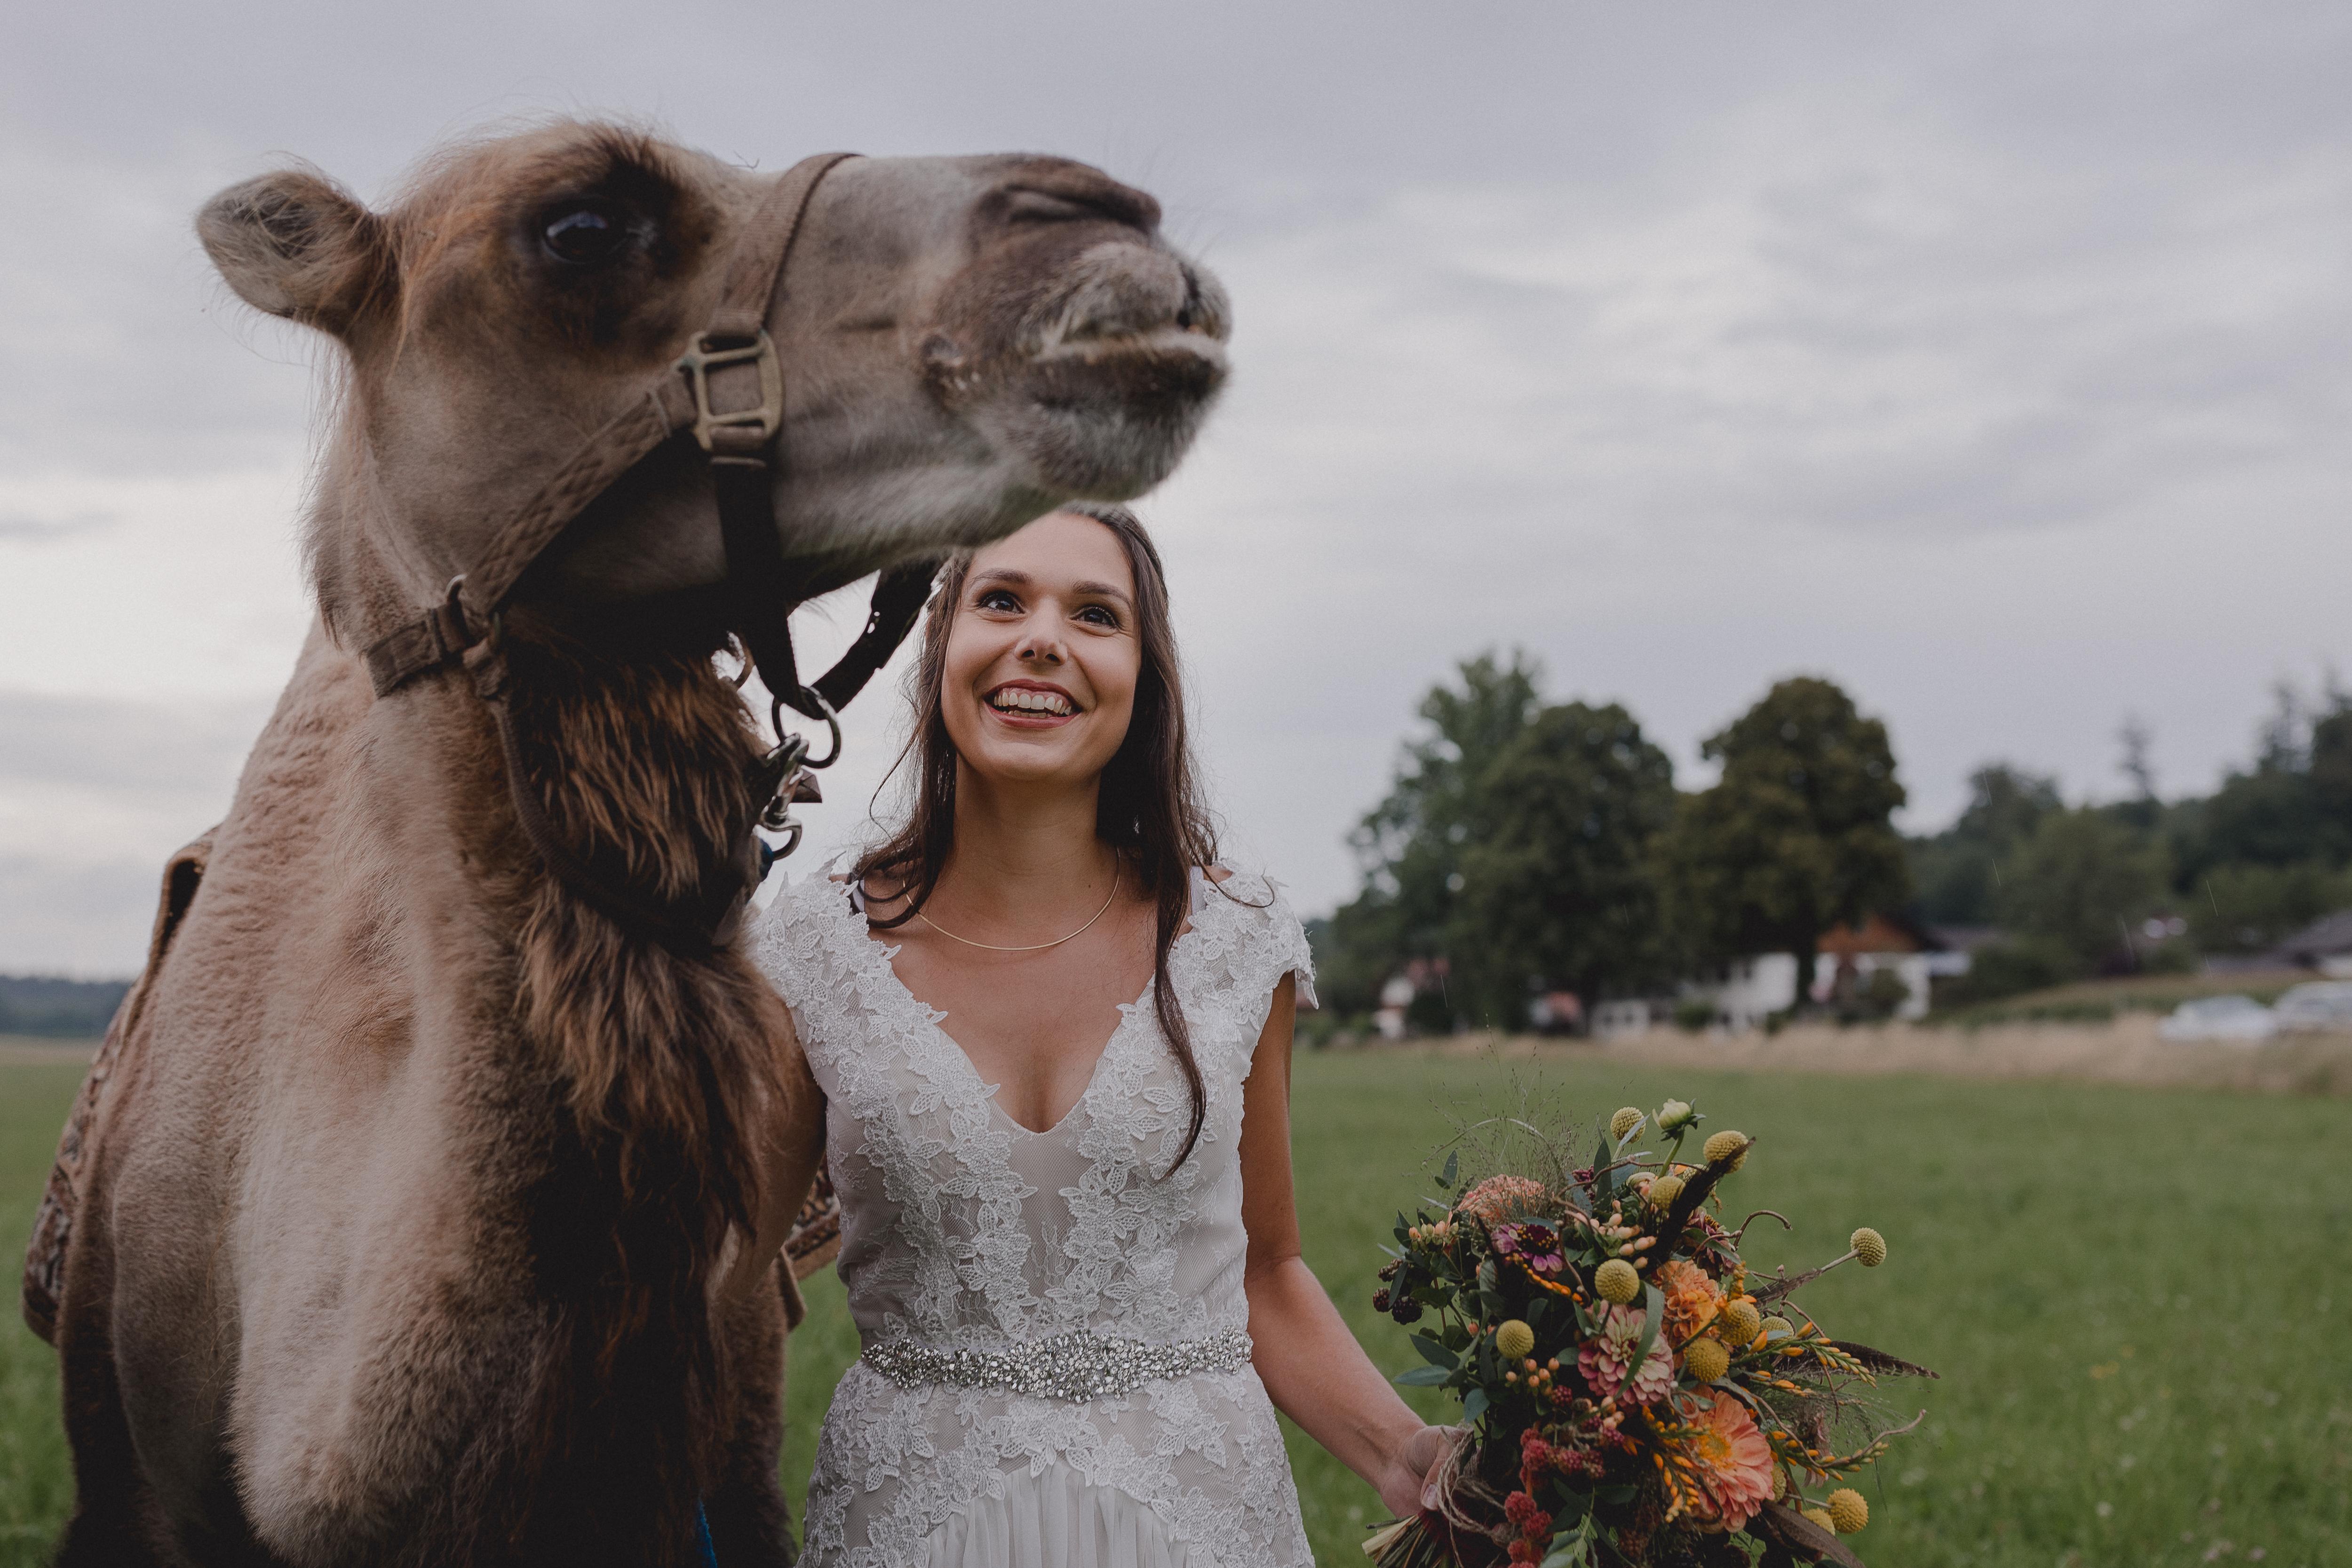 URBANERIE_Daniela_Goth_Vintage_Hochzeitsfotografin_Nuernberg_Fuerth_Erlangen_180721_0103